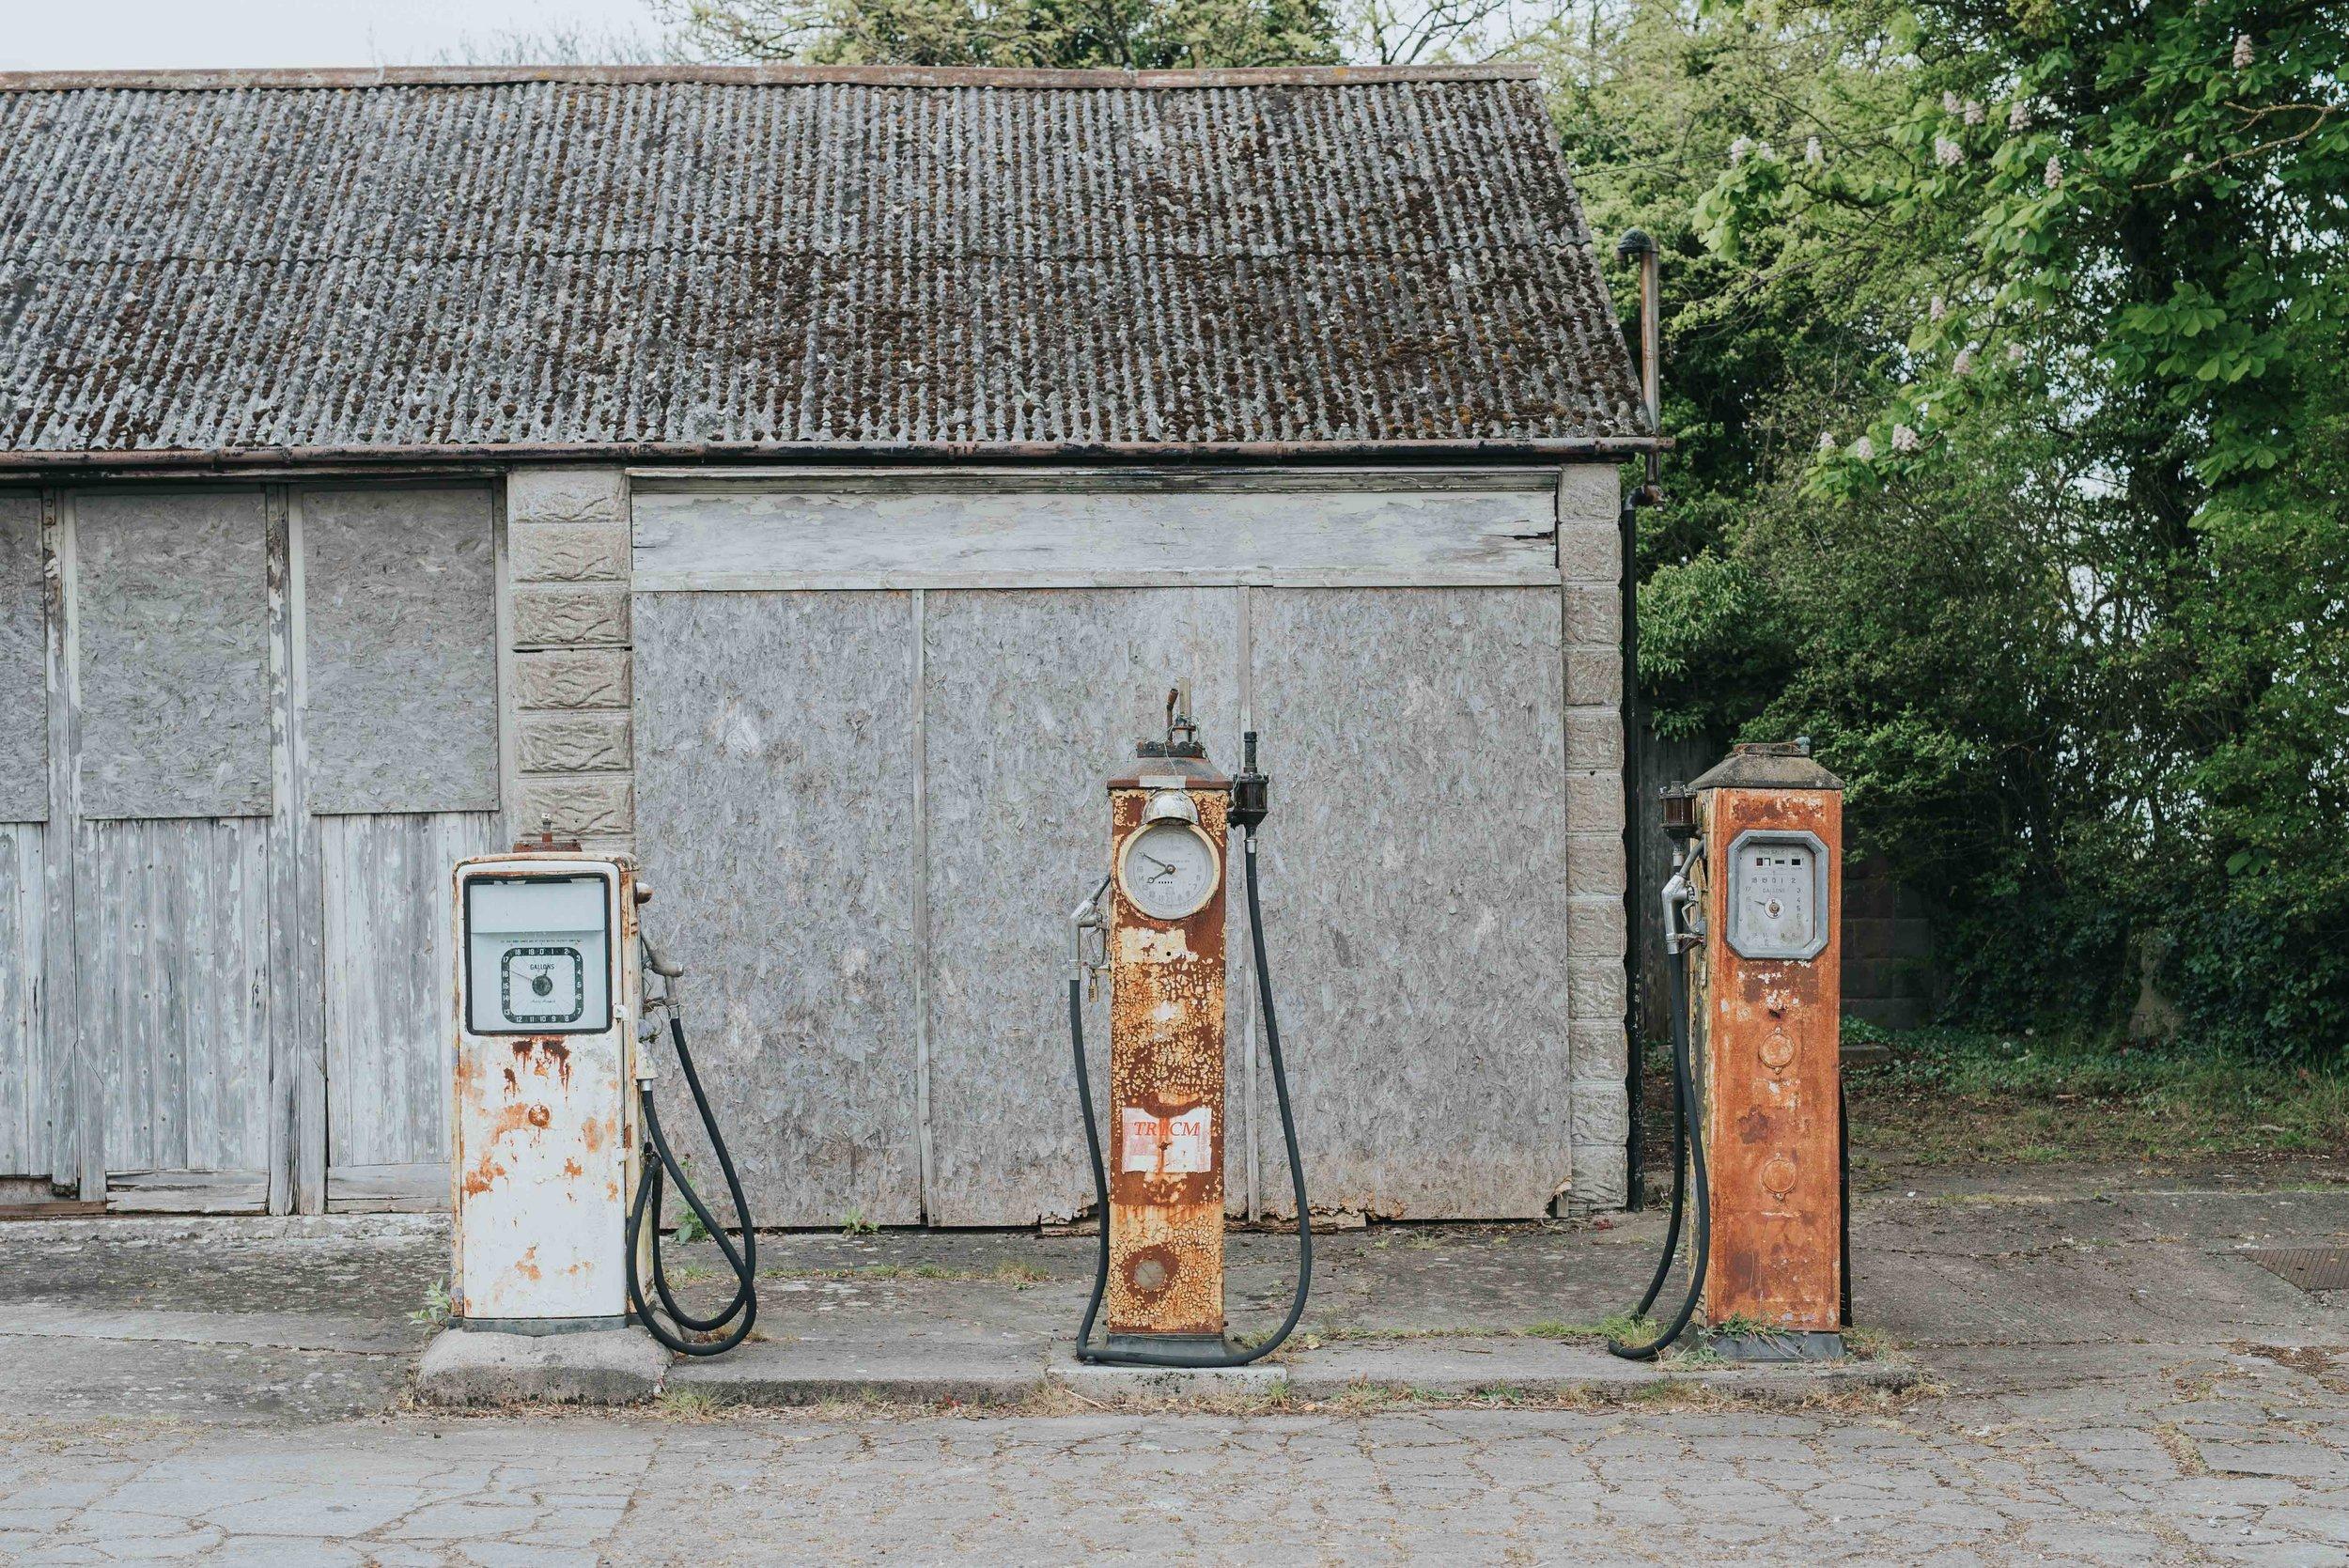 Abandoned Petrol Station -